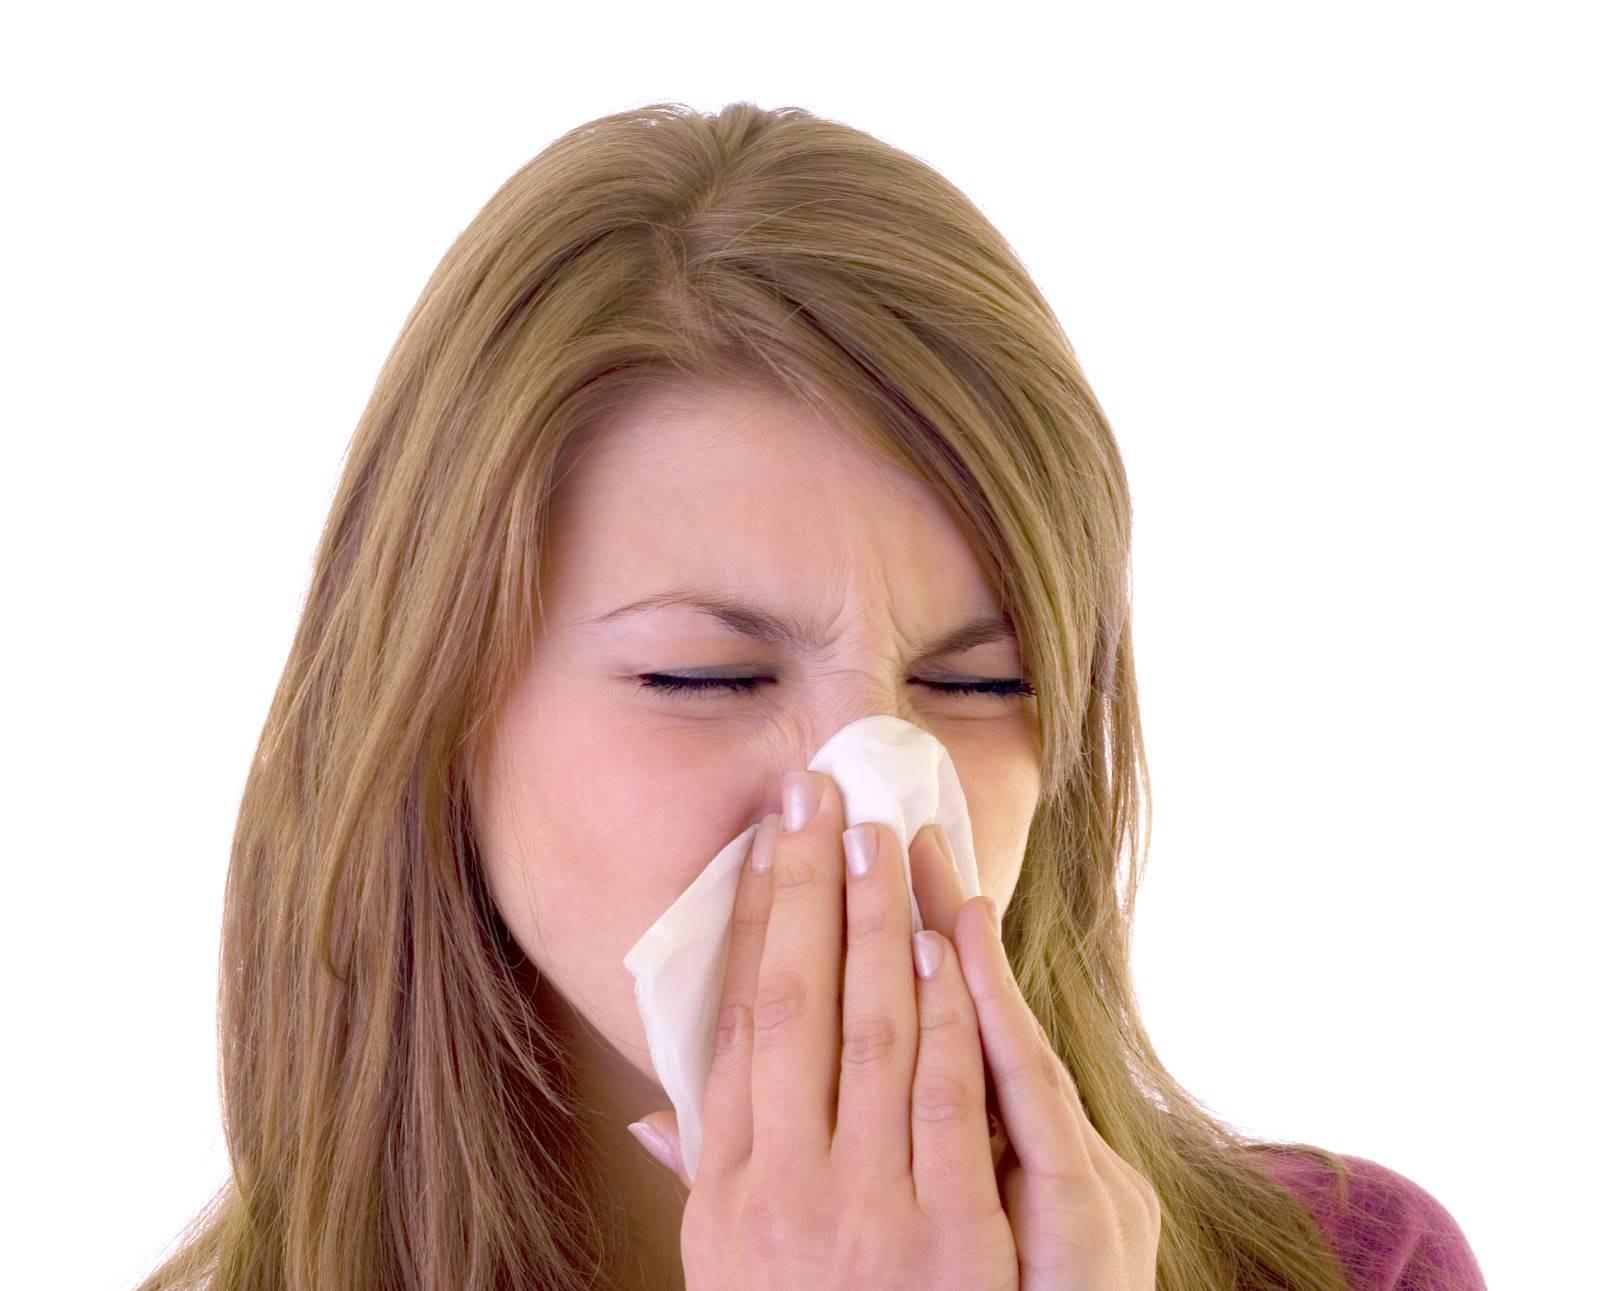 Сухой ринит - симптомы и лечение у взрослых и детей